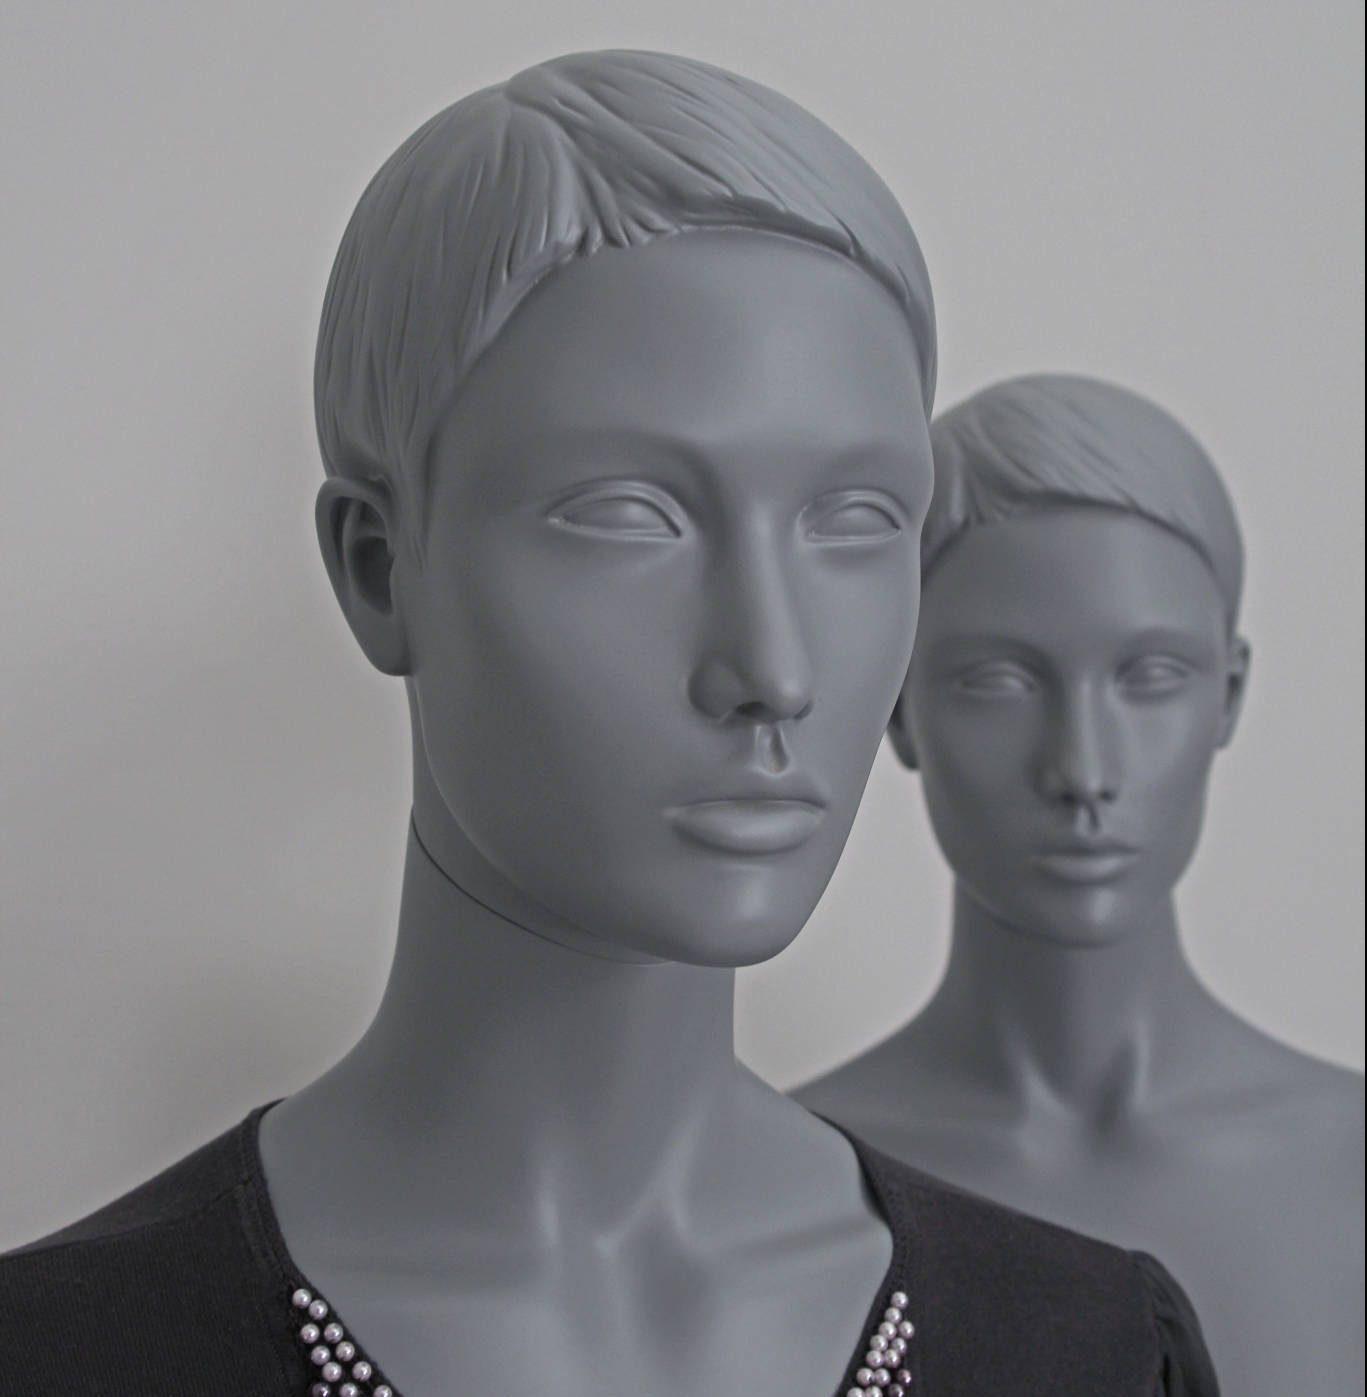 Sascha stilistisk mannequin. Schaufensterfiguren im grau